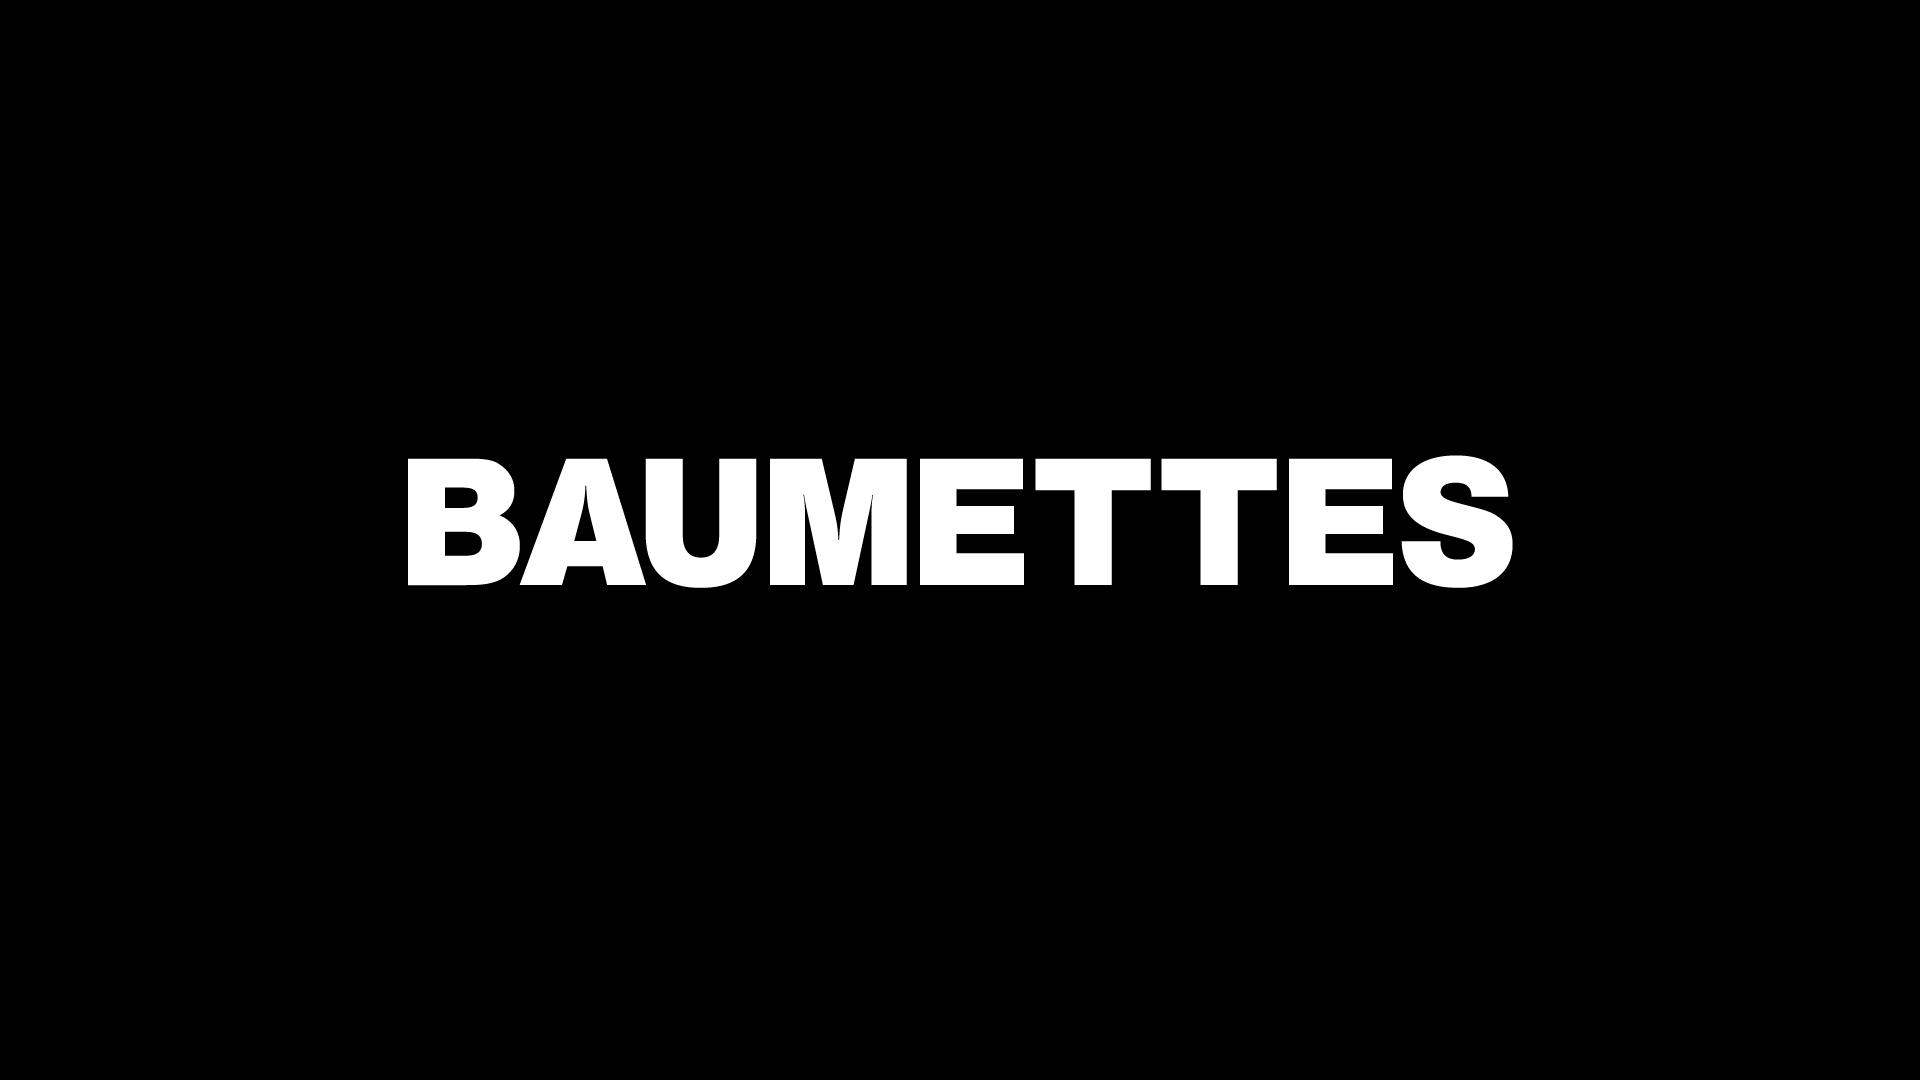 Baumettes